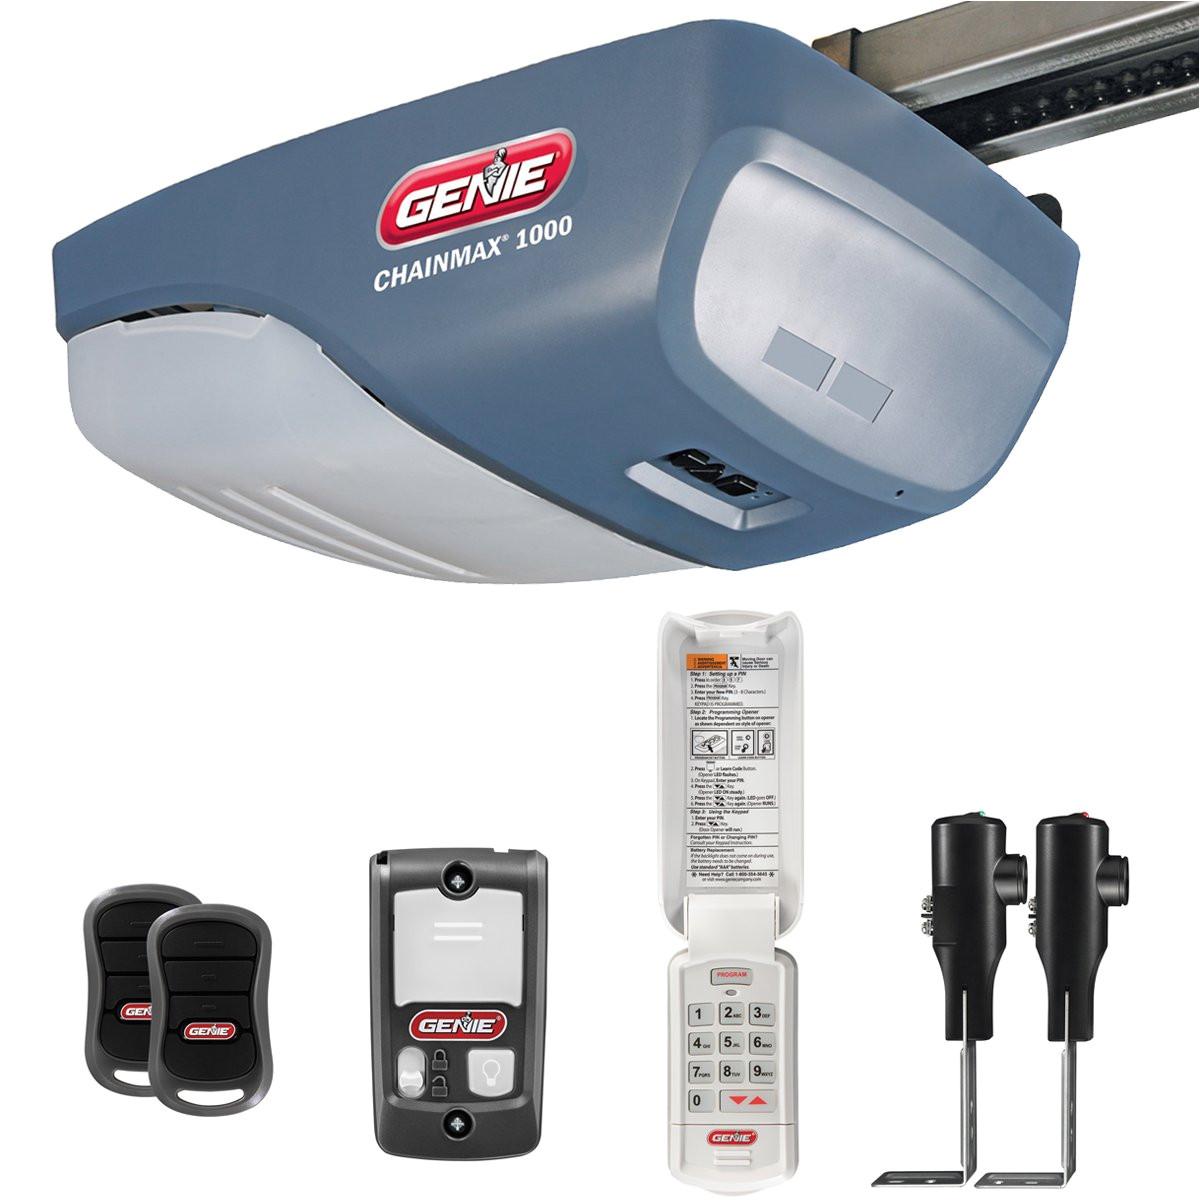 Genie Garage Door Opener Red Light Flashing Genie Chainmax 1000 Garage Door Opener 3 4 Hpc Dc Chain Drive